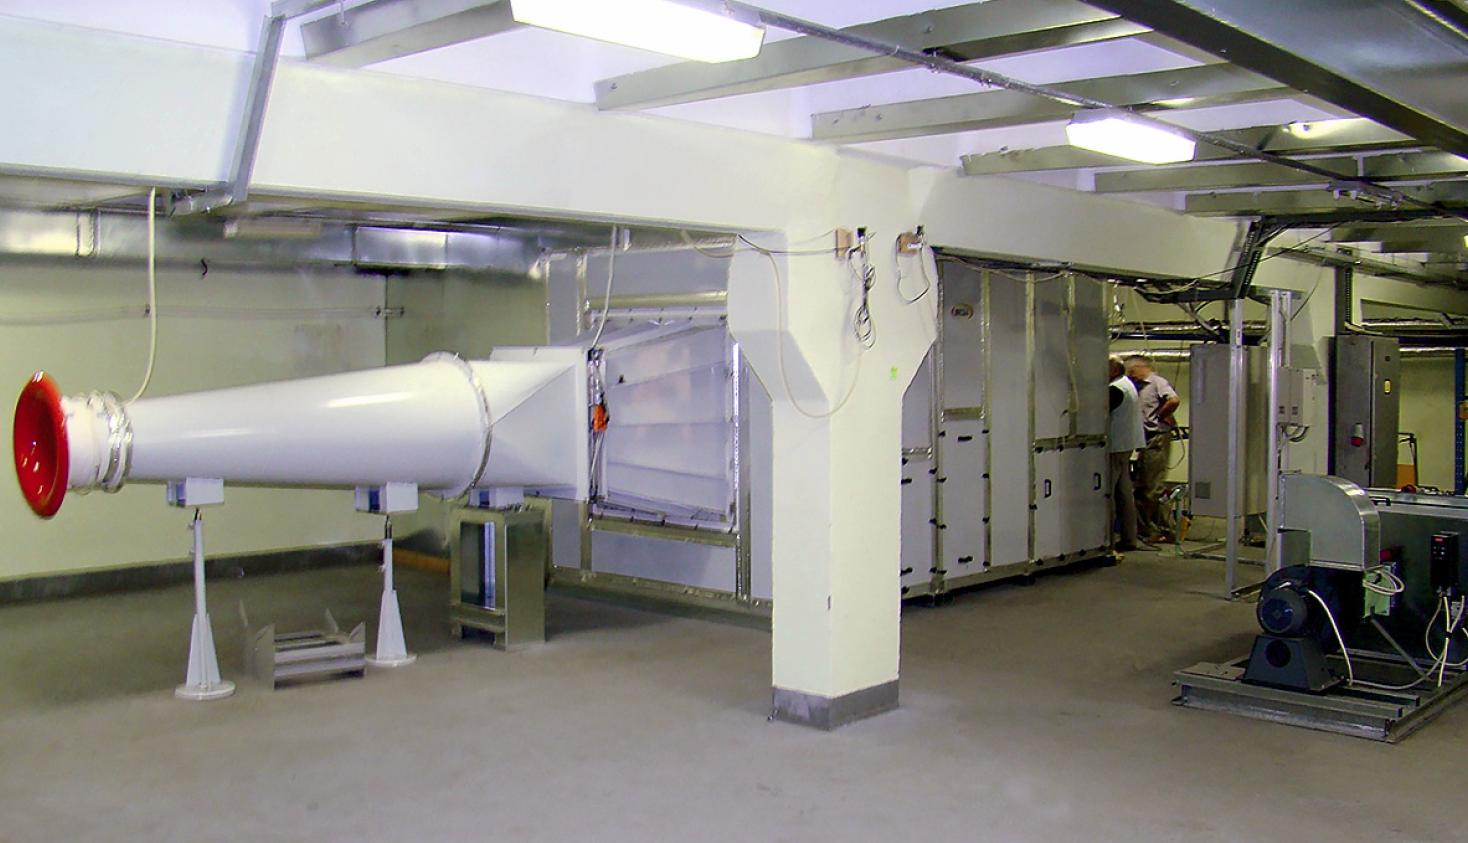 Центральной измерительной лаборатории «ЦИЛ-Фрязино» — десять лет. 5/2019. Фото 3